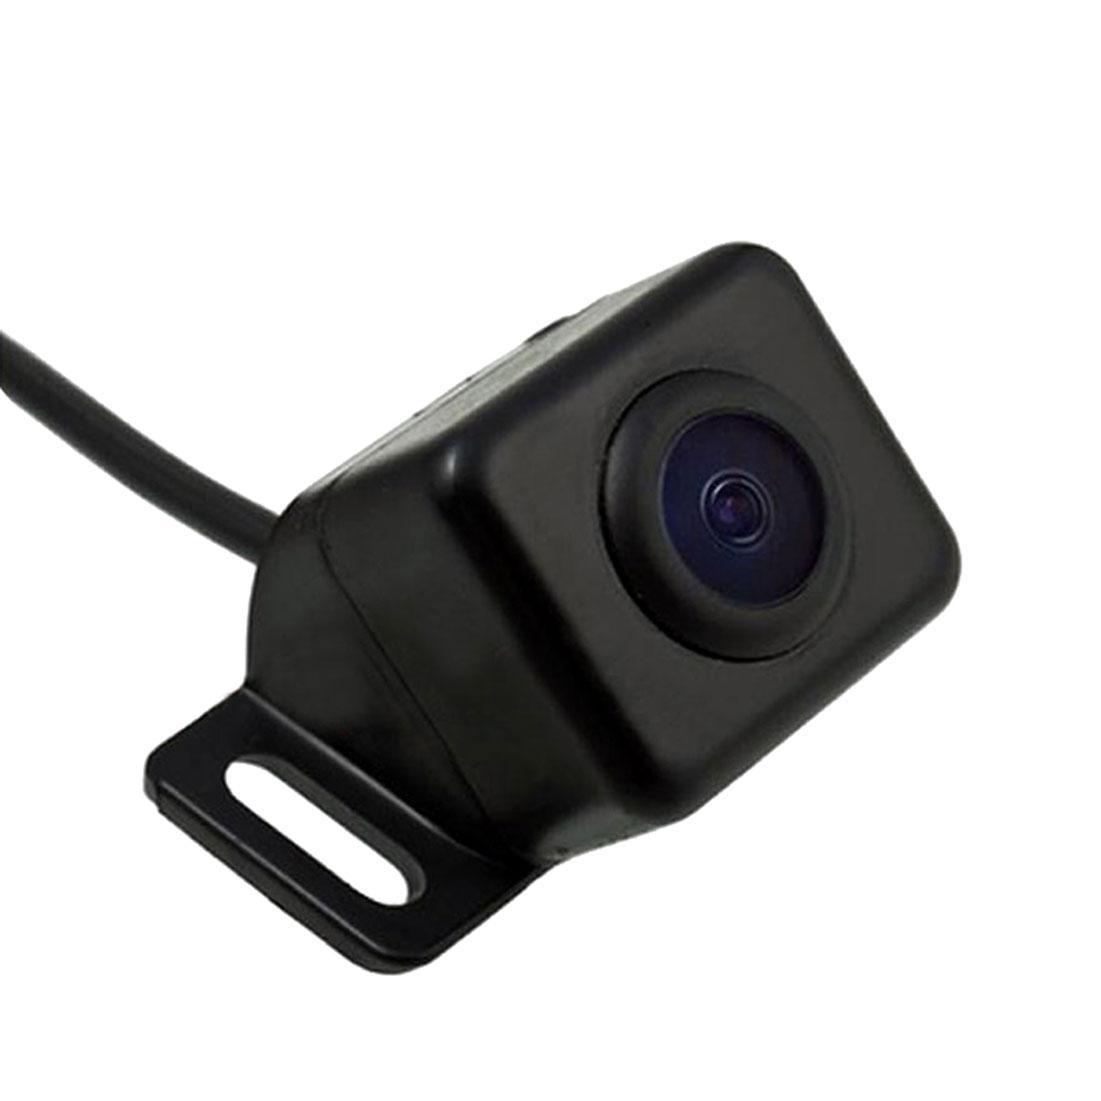 Ücretsiz kargo Araç Renk Görünümü Max 170 Açı Yedekleme Kamera Araba Arka Kamera Araba Dikiz dikiz Kamera